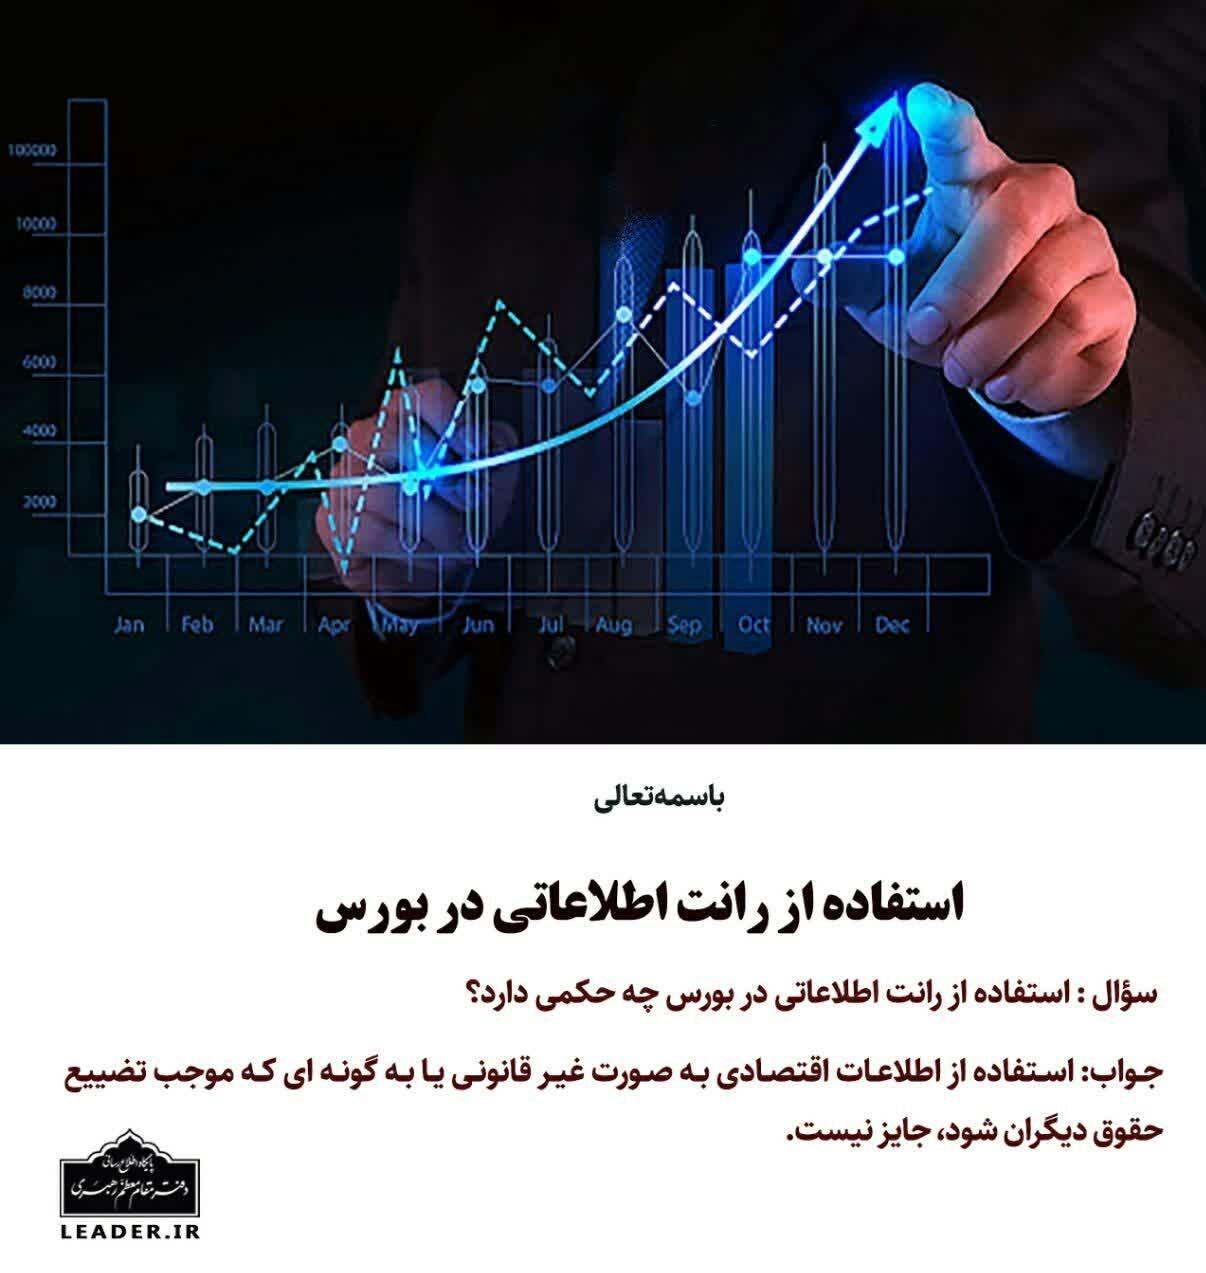 سهام عدالت , امام خامنهای , احکام دینی ,